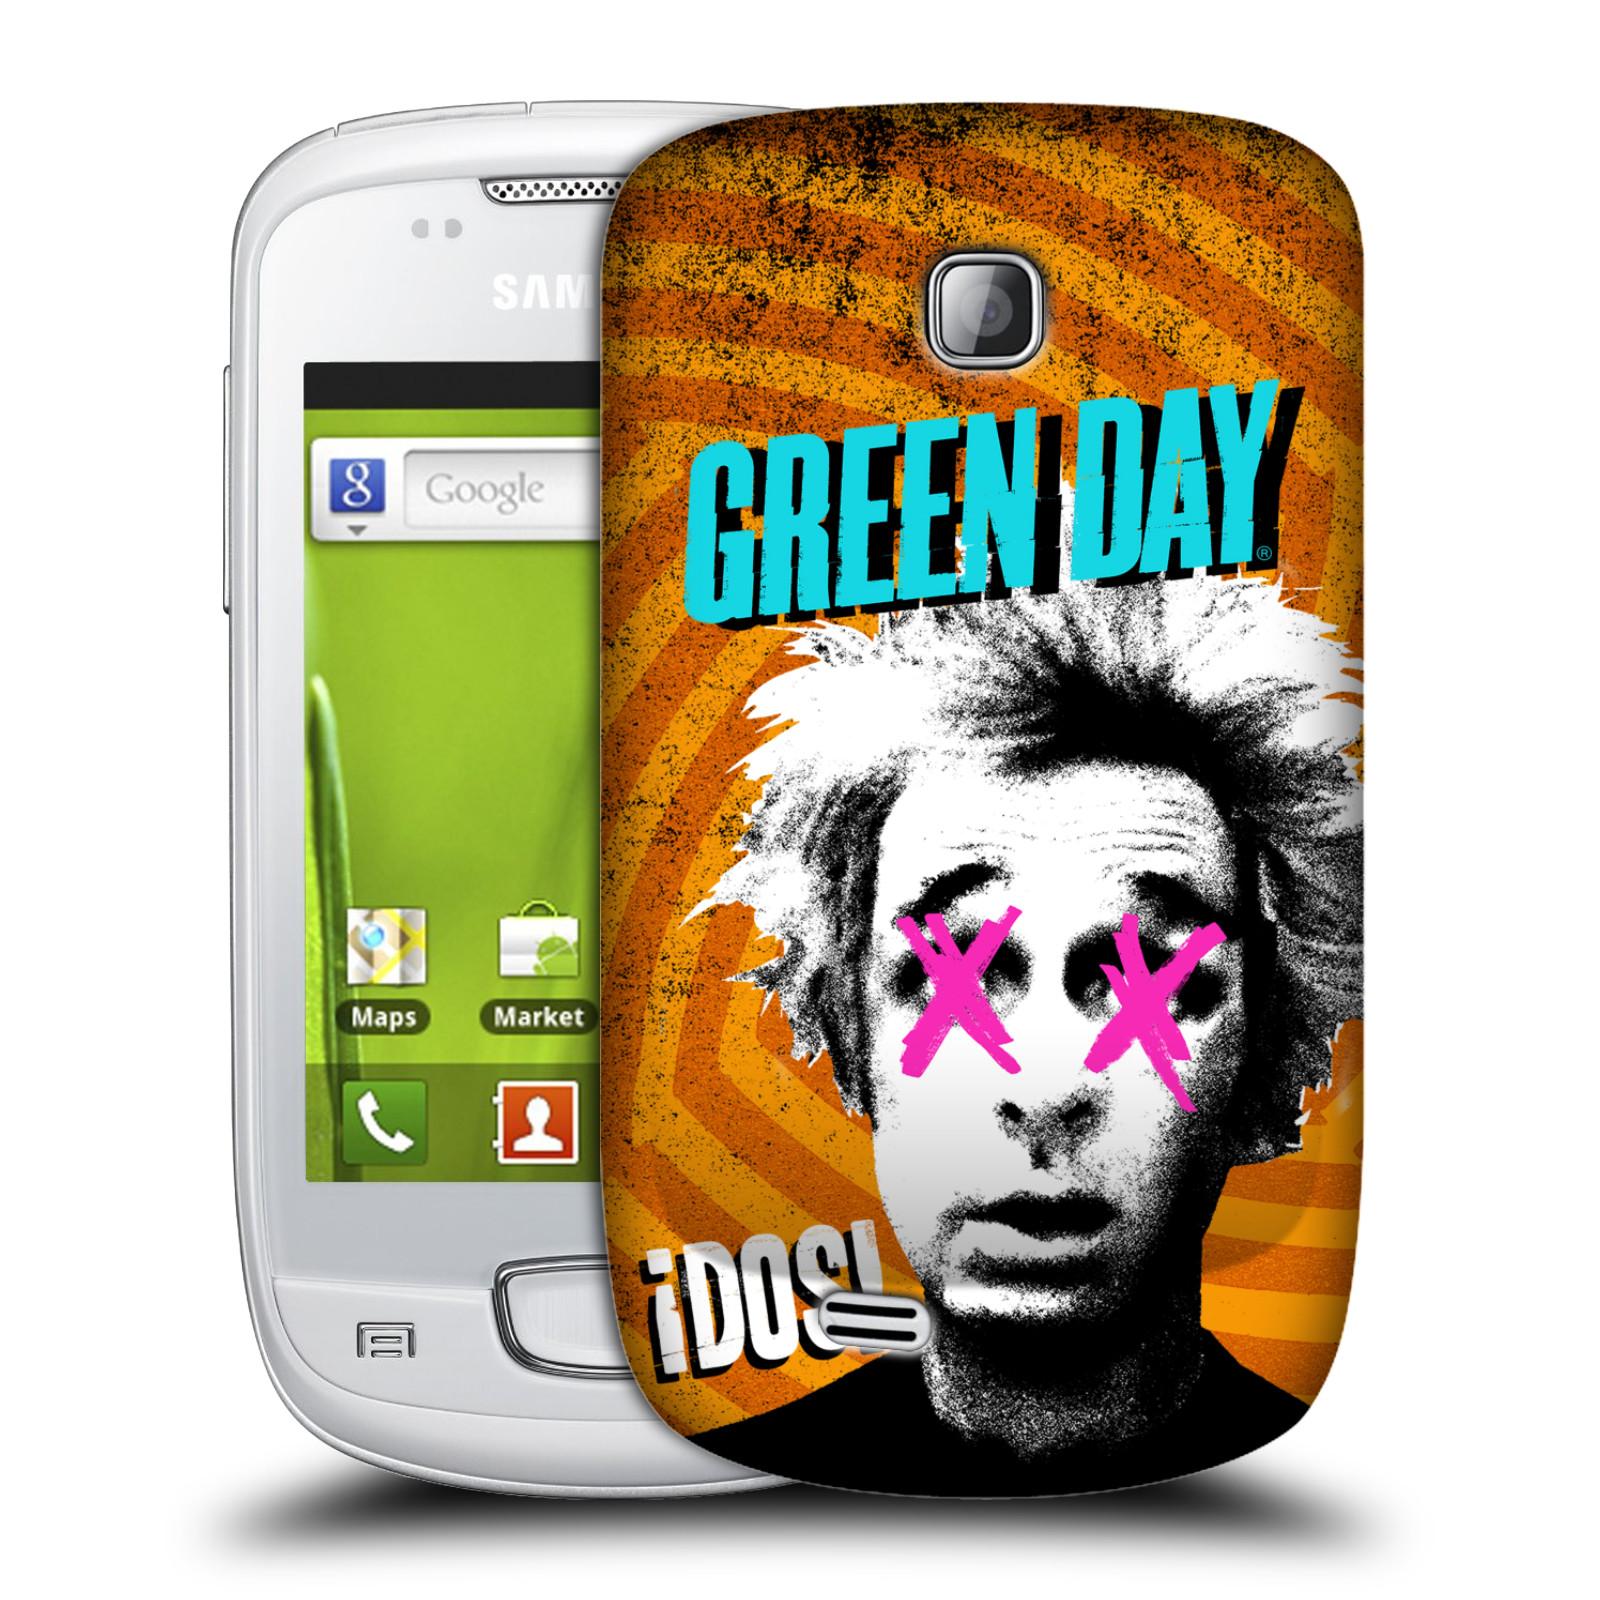 Plastové pouzdro na mobil Samsung Galaxy Mini HEAD CASE Green Day - Dos (Plastový kryt či obal na mobilní telefon licencovaným motivem Green Day pro Samsung Galaxy Mini GT-S5570 / GT-S5570i)